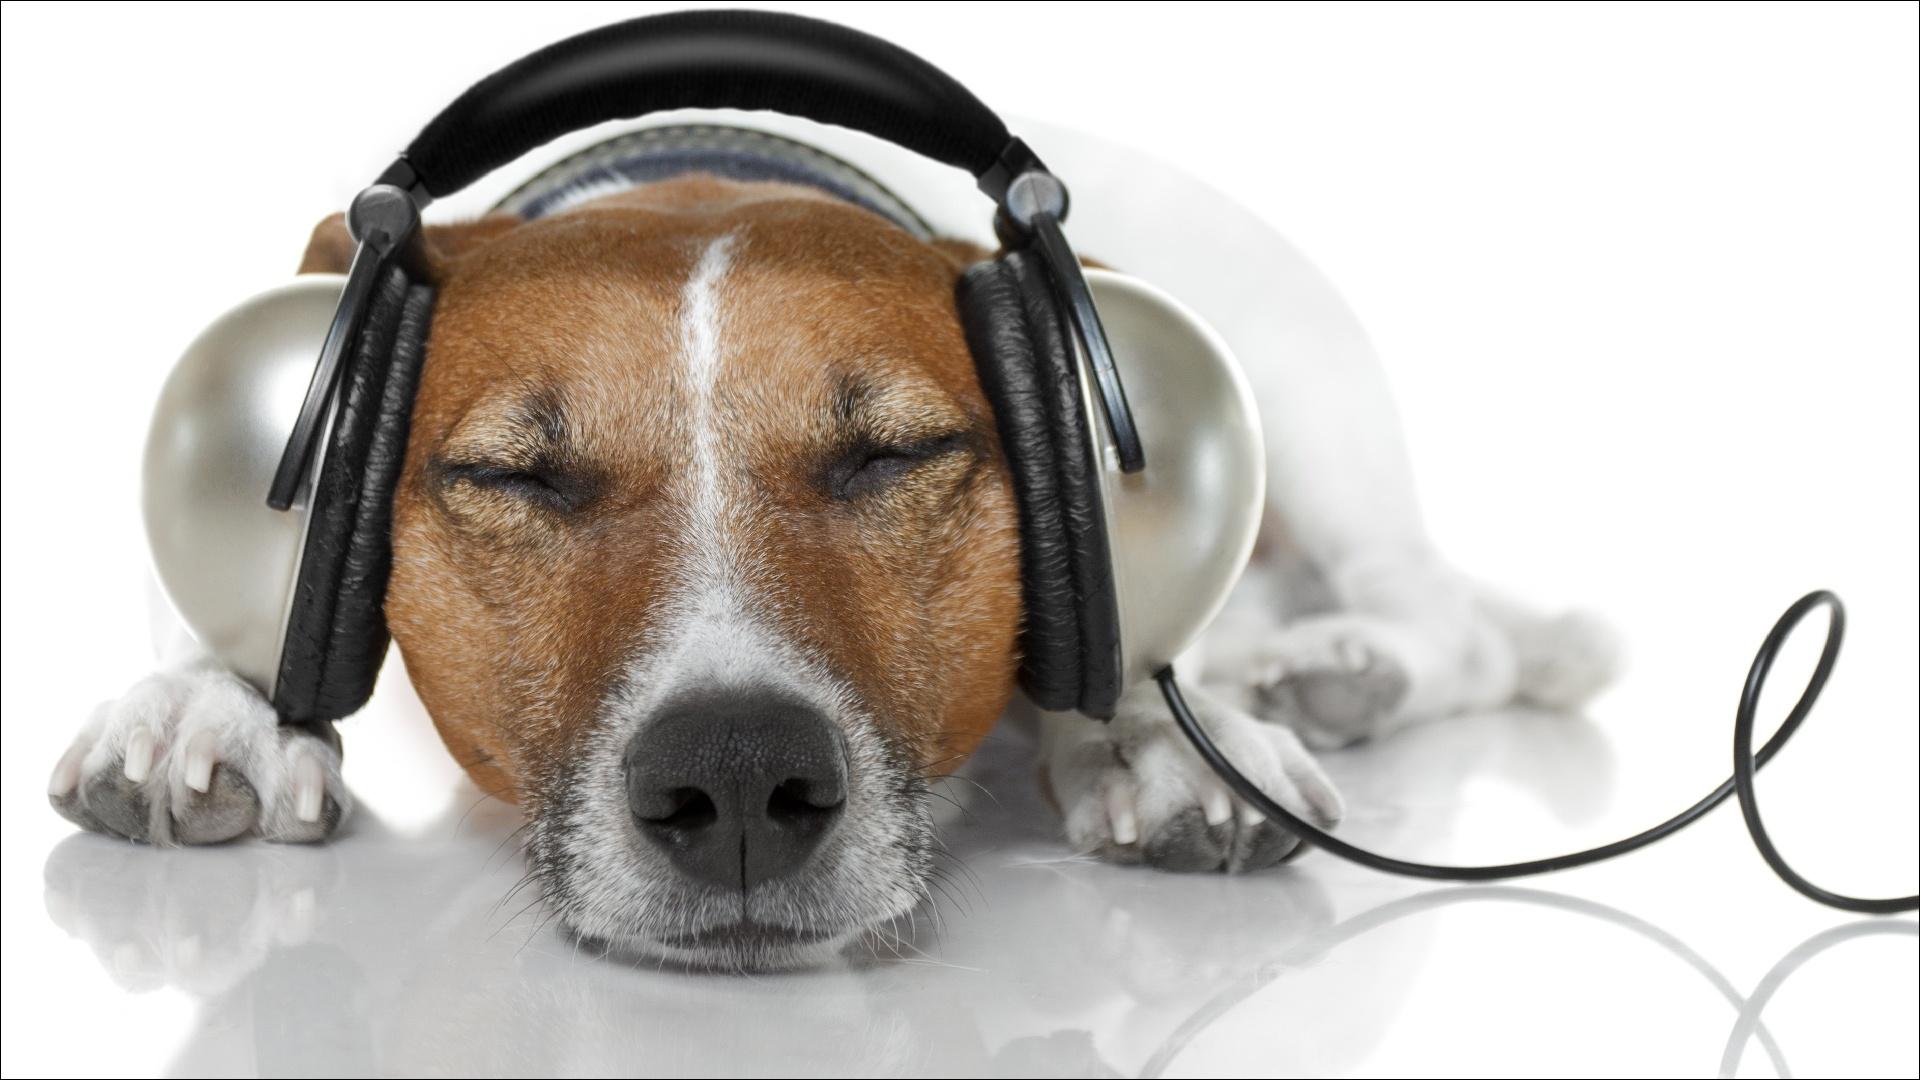 Картинка Джек-рассел-терьер Собаки Наушники Спит Отдых морды животное Белый фон собака в наушниках сон спят спящий релакс отдыхает Морда Животные белом фоне белым фоном